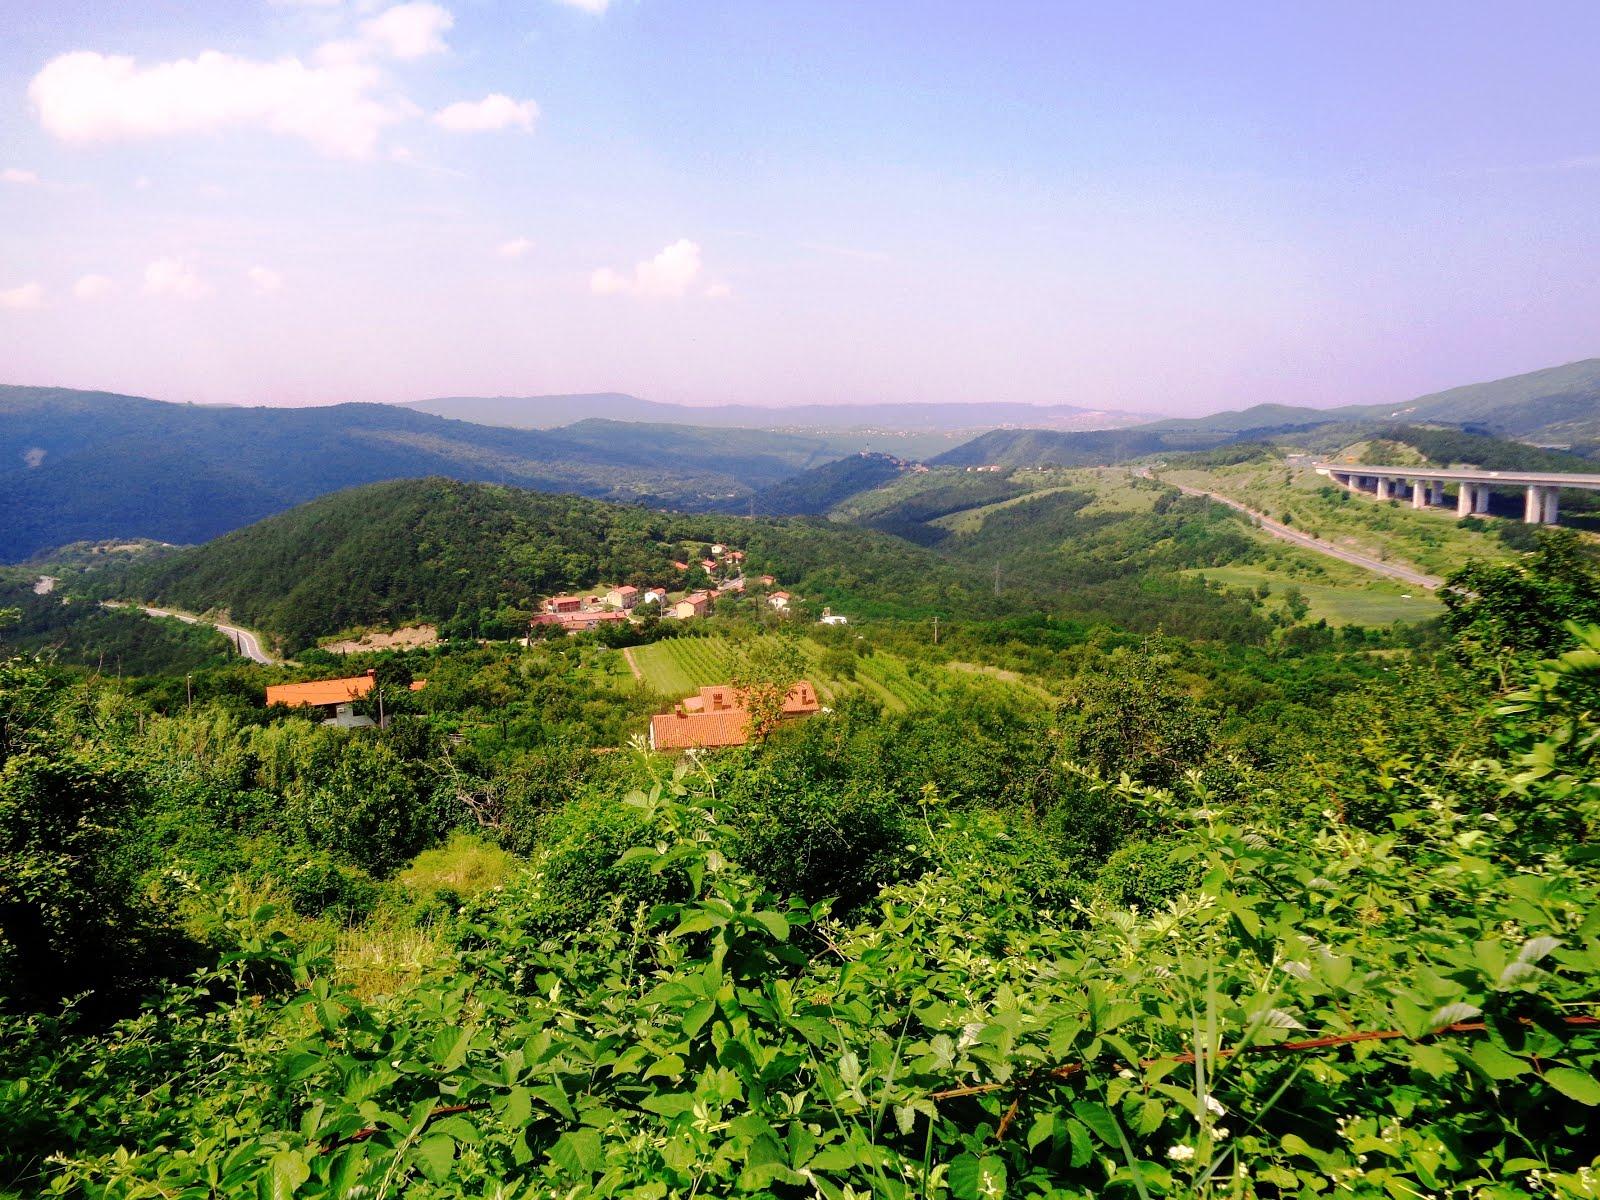 12 marzo 2017 - Traversata lungo la valle del Risano - Prima tappa: da Skofije a Predloka